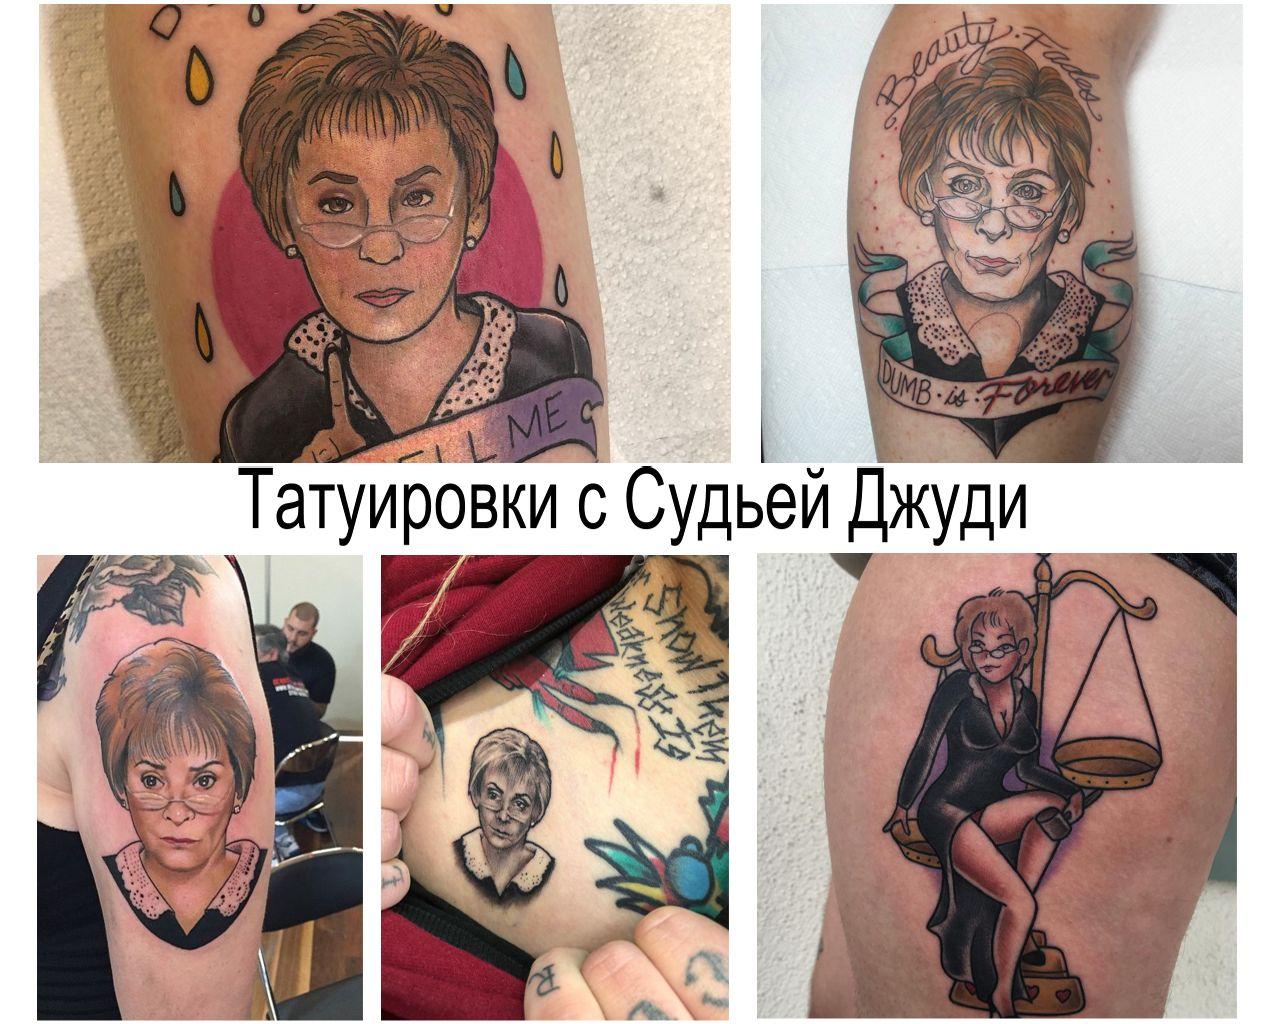 Татуировки с Судьей Джуди